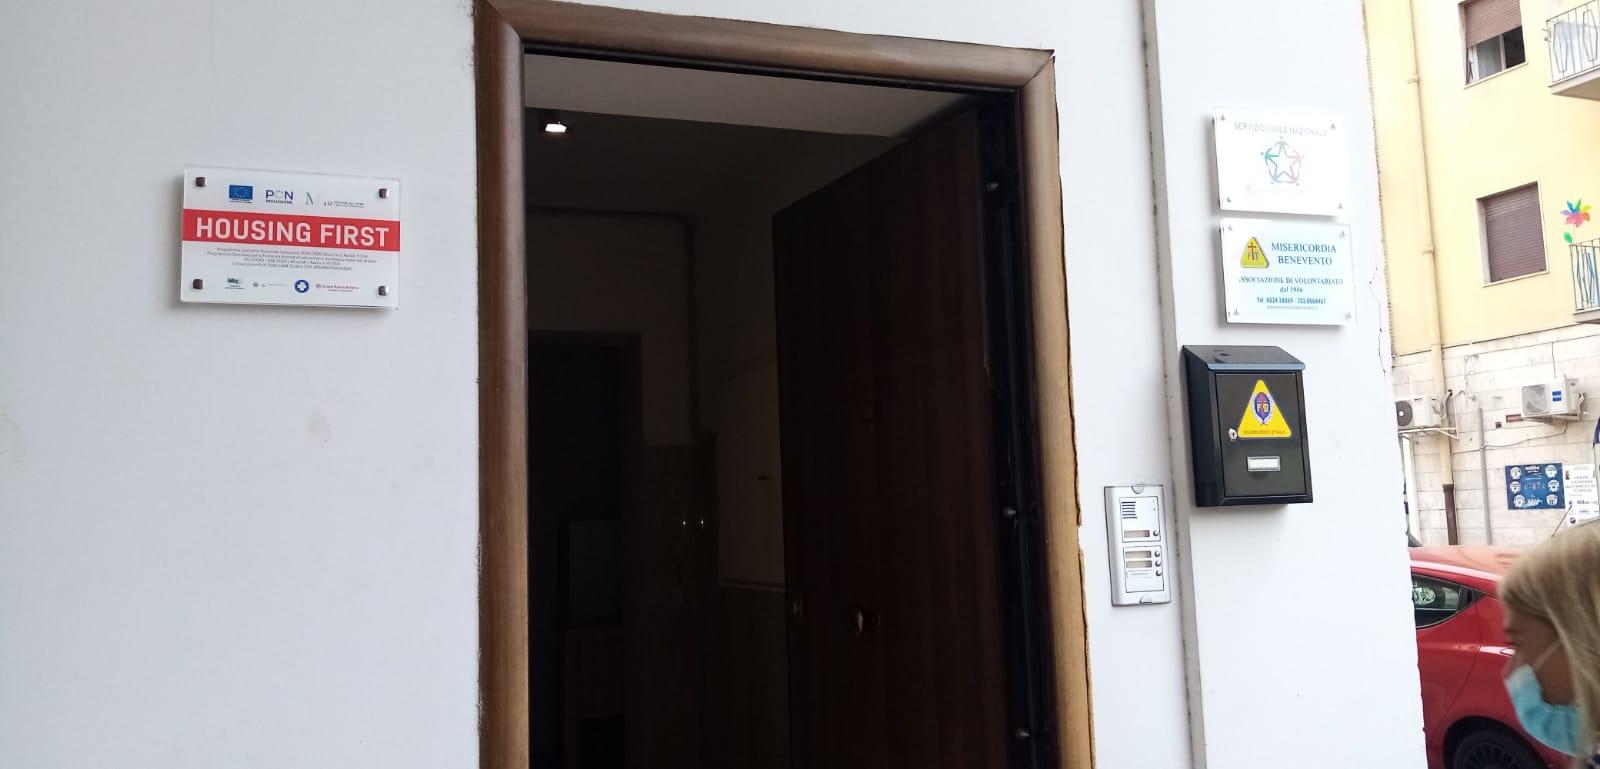 Benevento  Housing First, Benevento prima in Campania. Mastella: noi siamo stati l'istituzione del 'buon Samaritano'